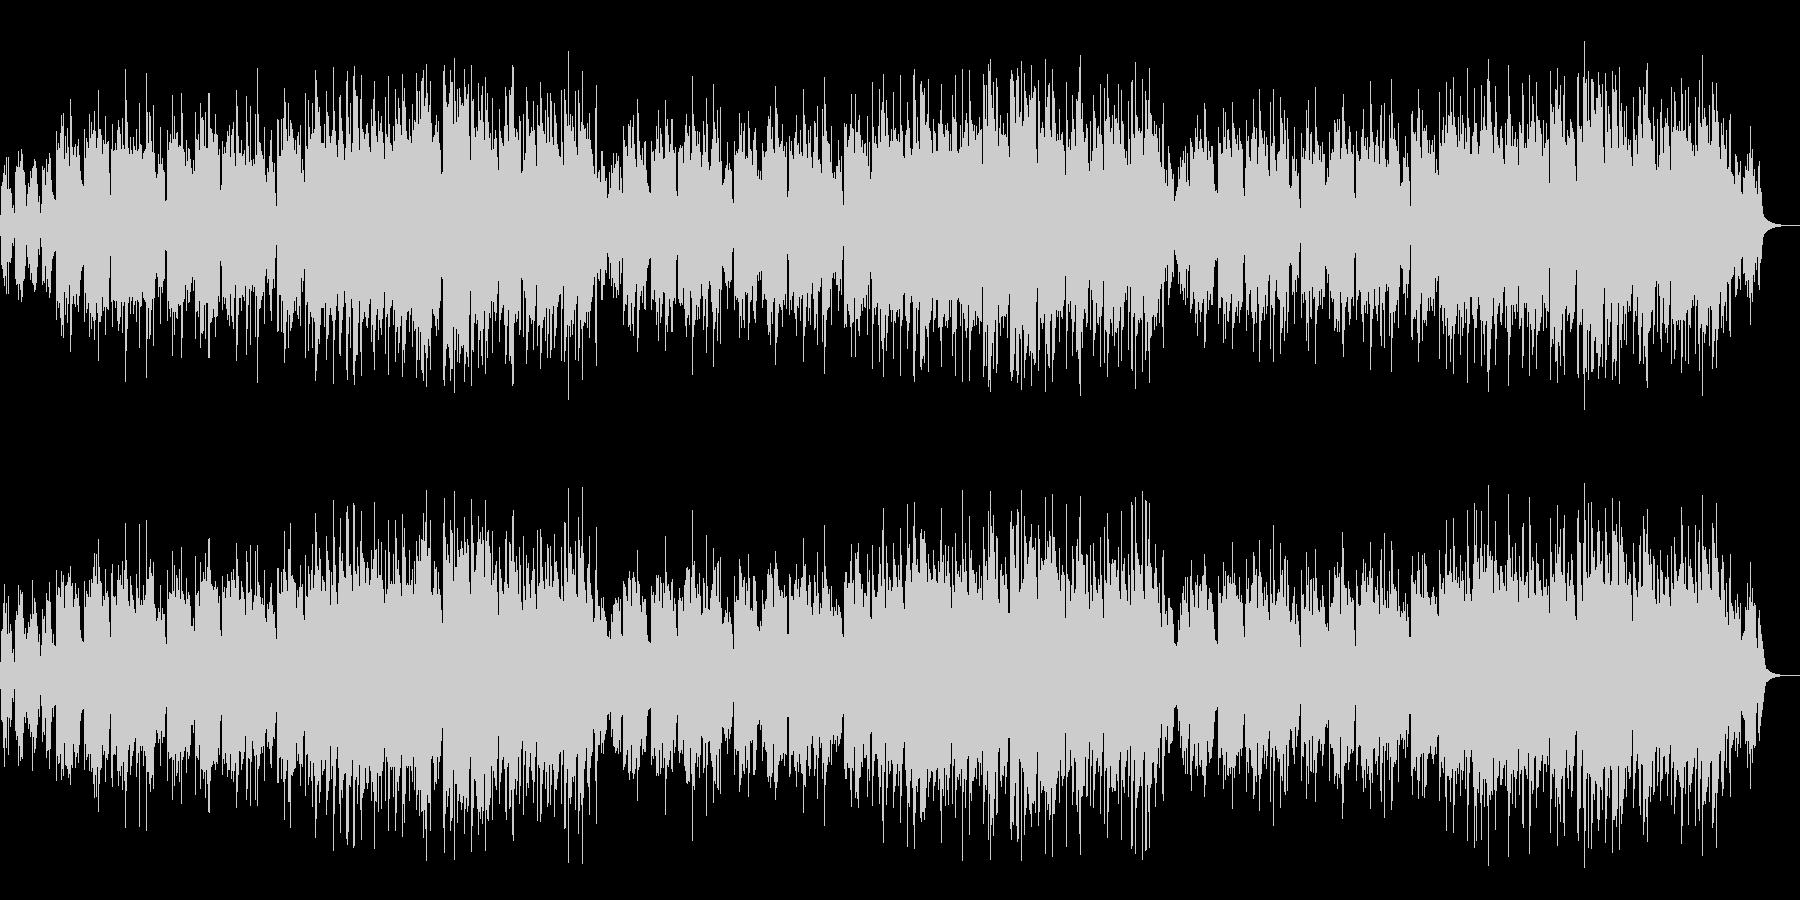 リコーダーとピアノによる温かいバラードの未再生の波形